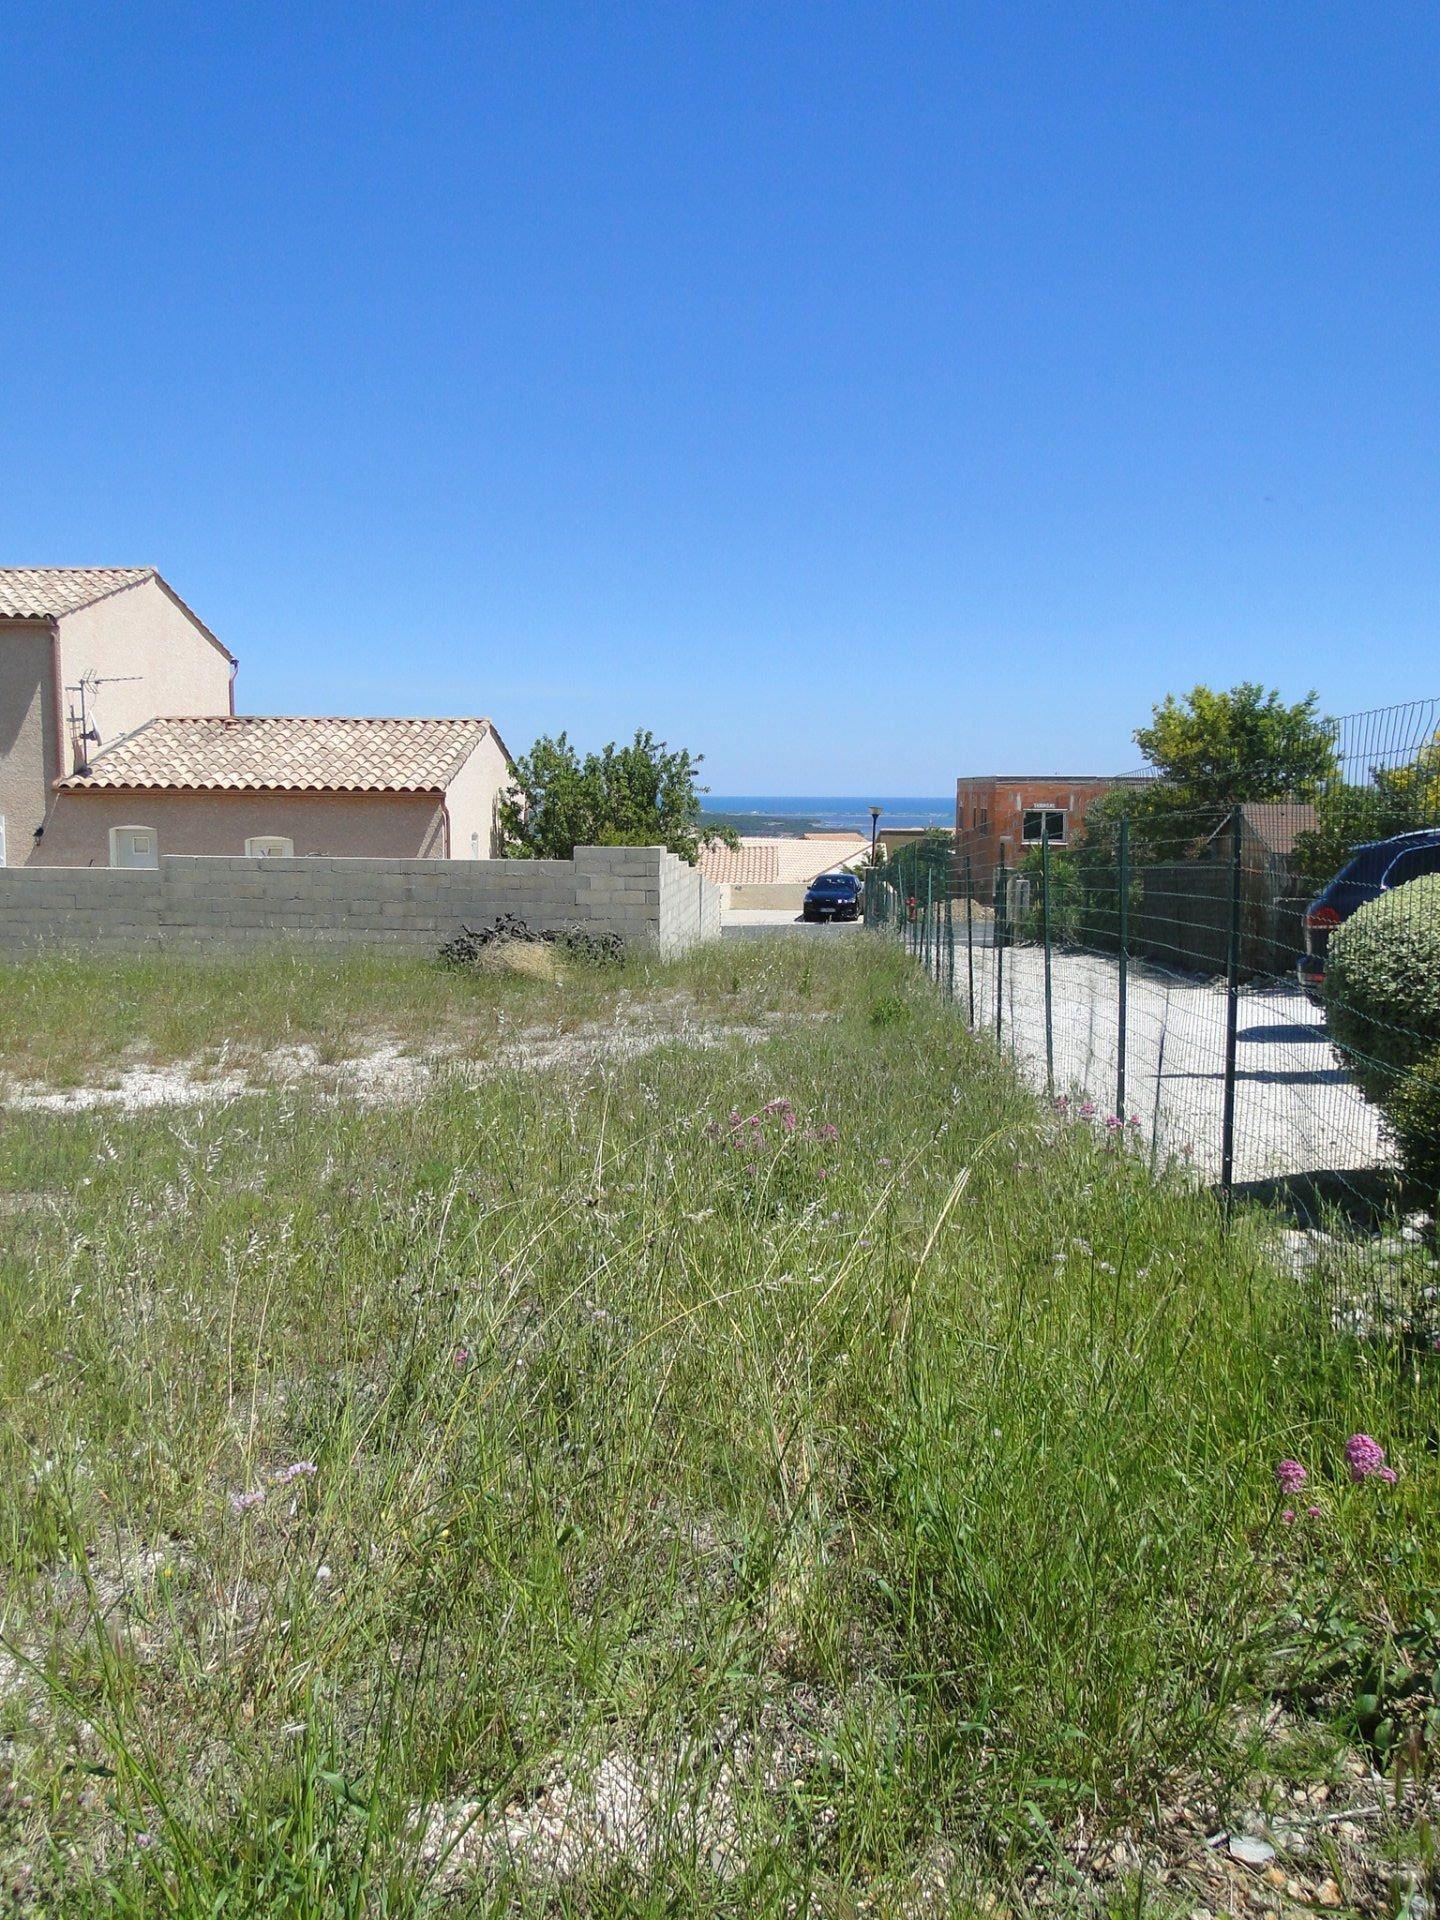 Sale Building land - Fitou